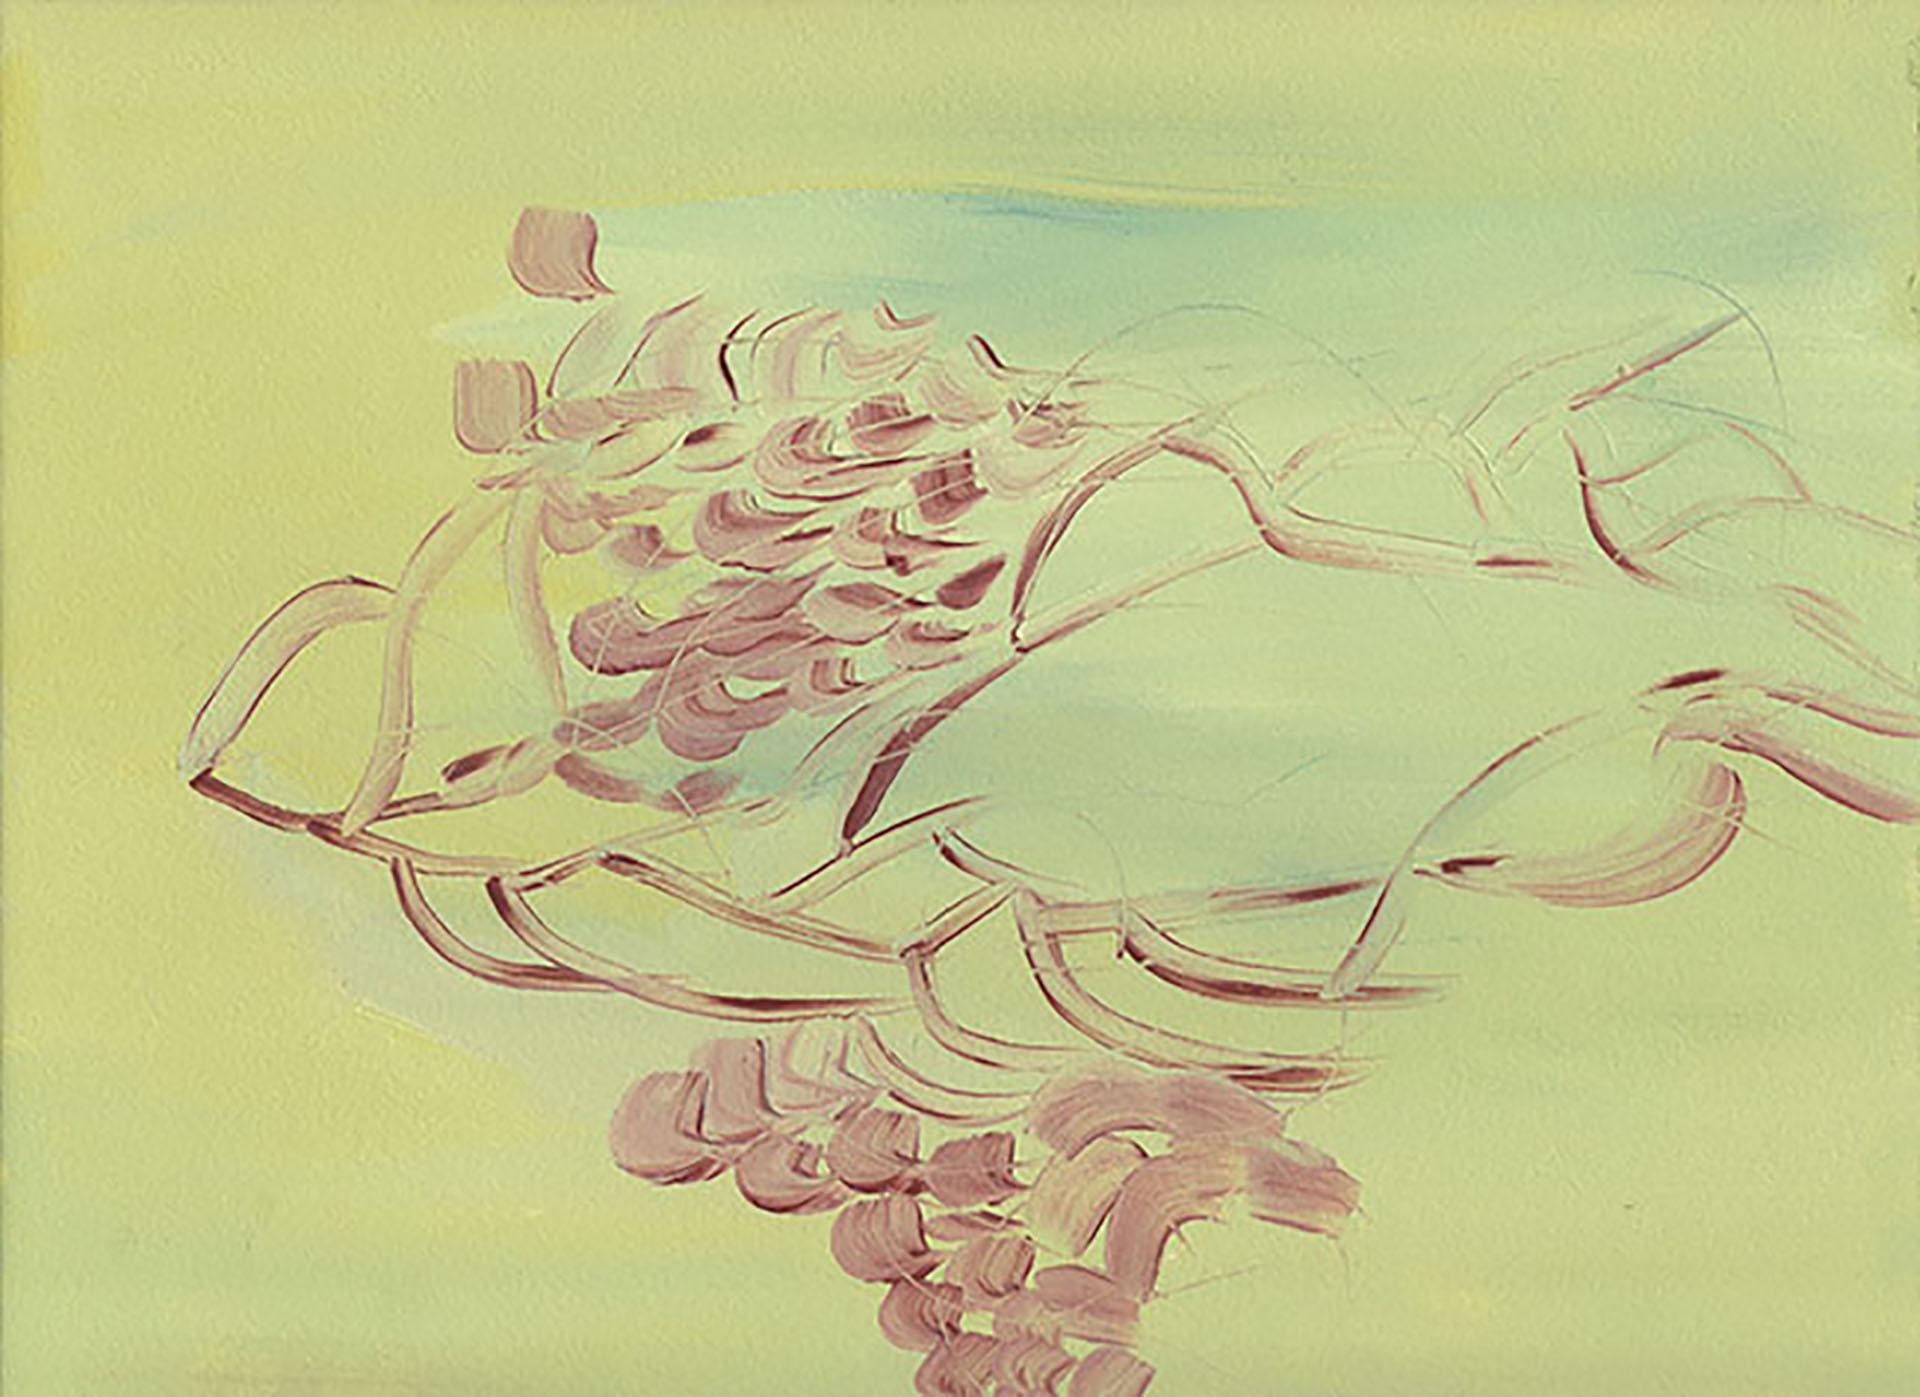 Leticia Obeid. Sin título. Serie piedra, tijera, papel. 2018. Óleo sobre papel. 23 x 31 cm